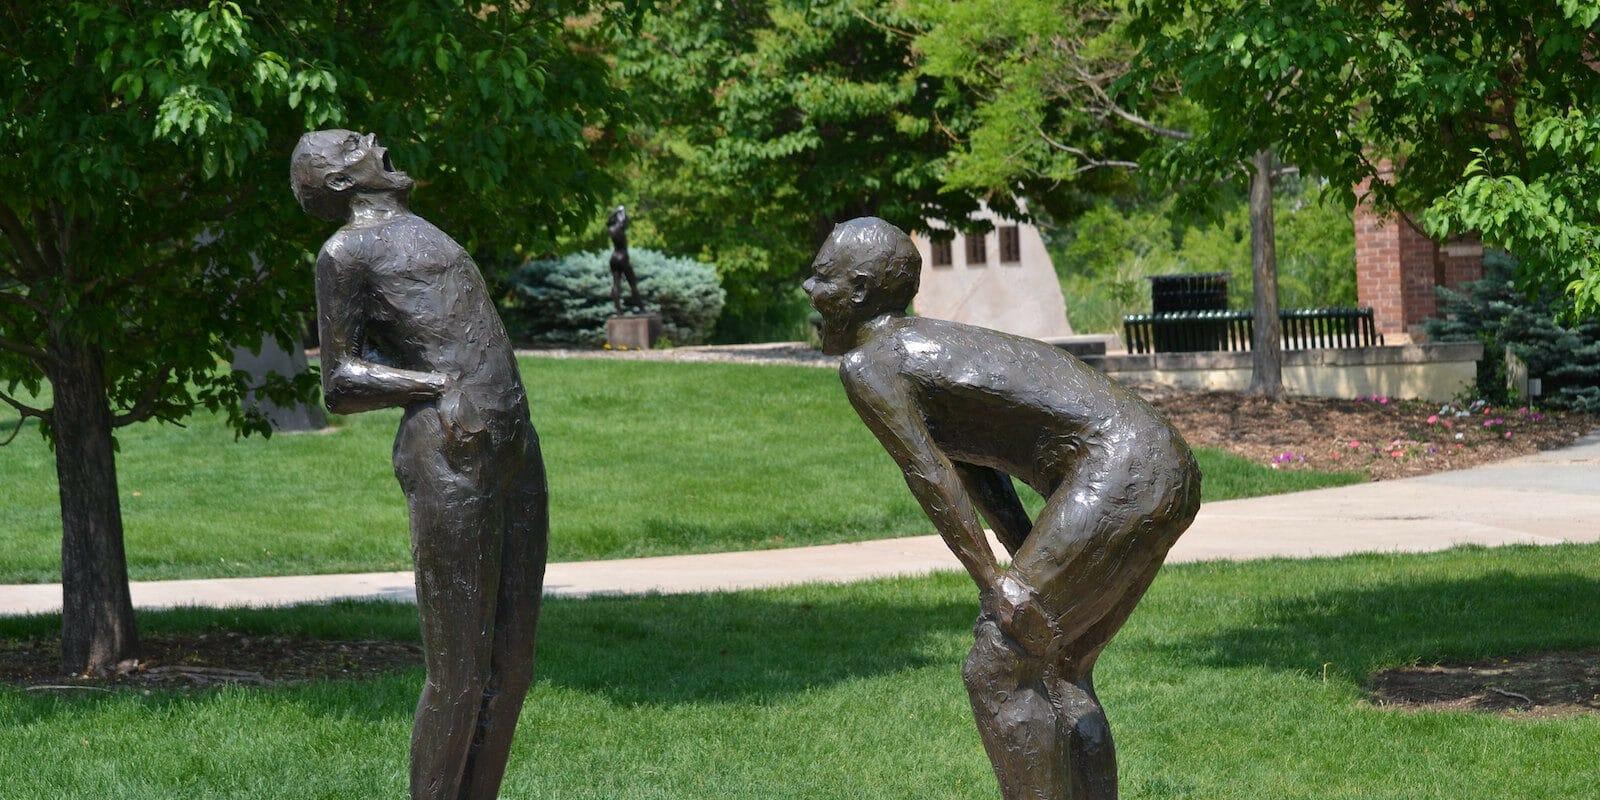 Image of a sculpture in Benson Sculpture Garden in Loveland, Colorado